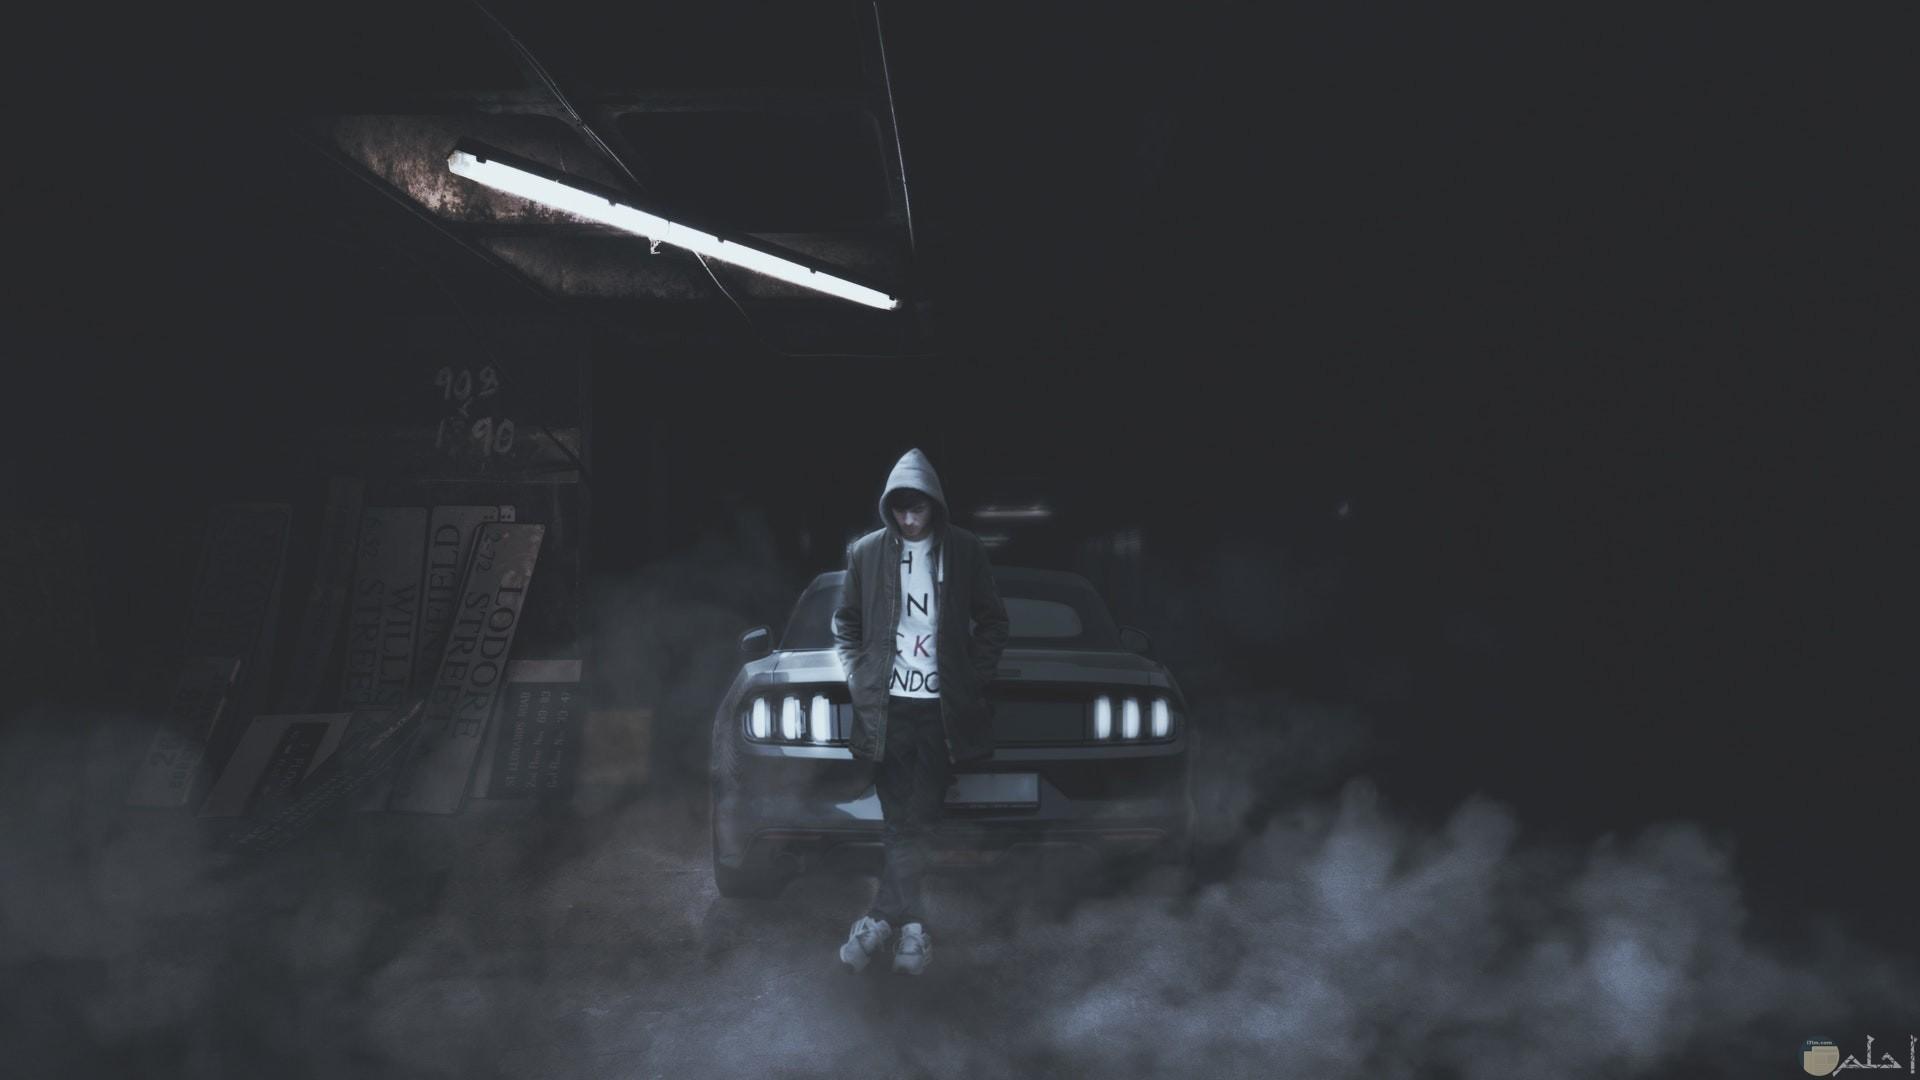 صورة أكشن رعب فيها شاب خلفه سيارة بمكان مهجور مع دخان بالمكان